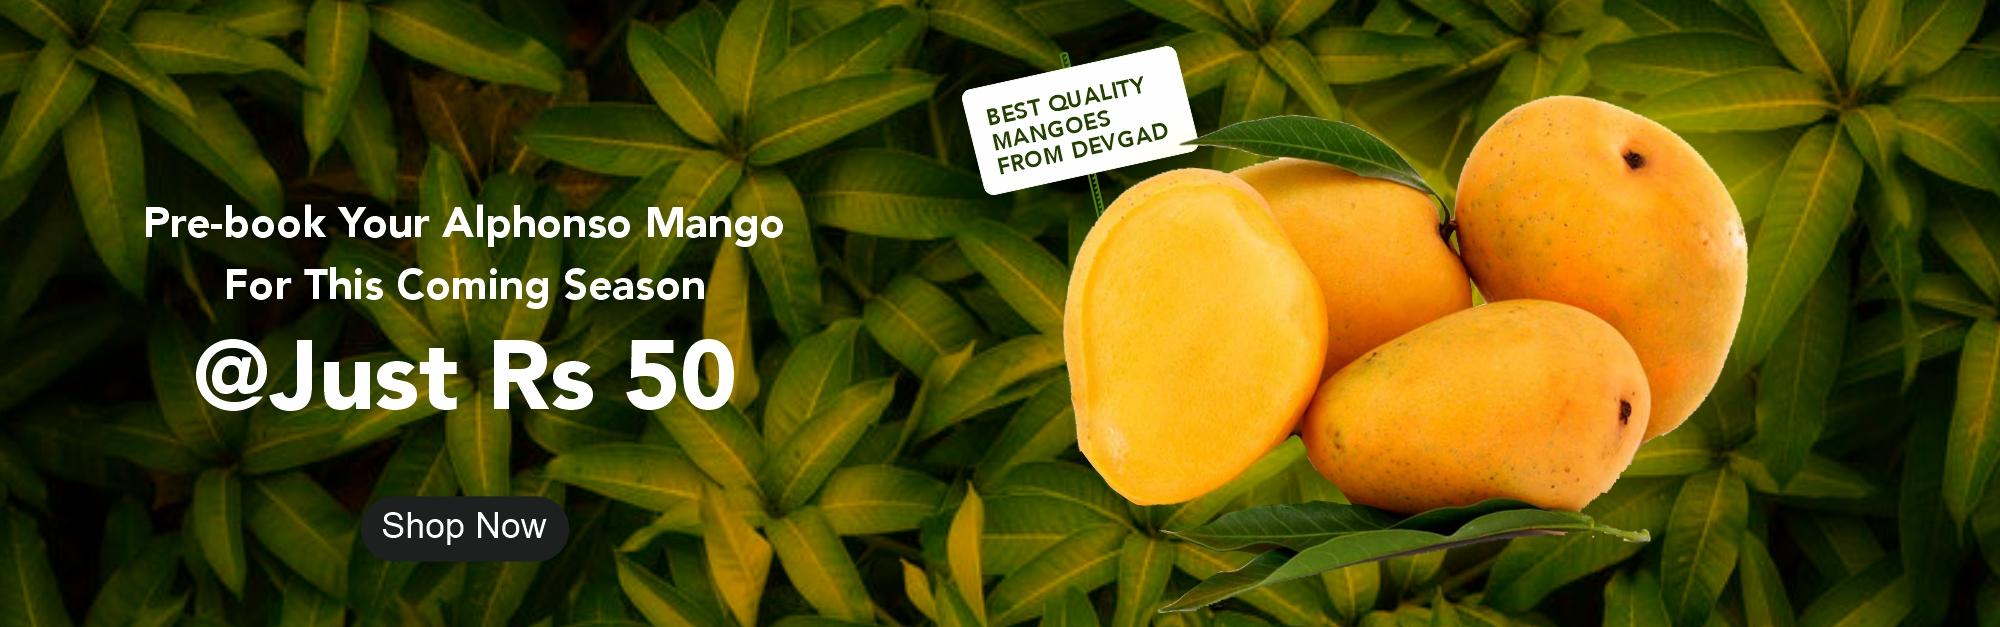 Pre-Book Alphonso Mango